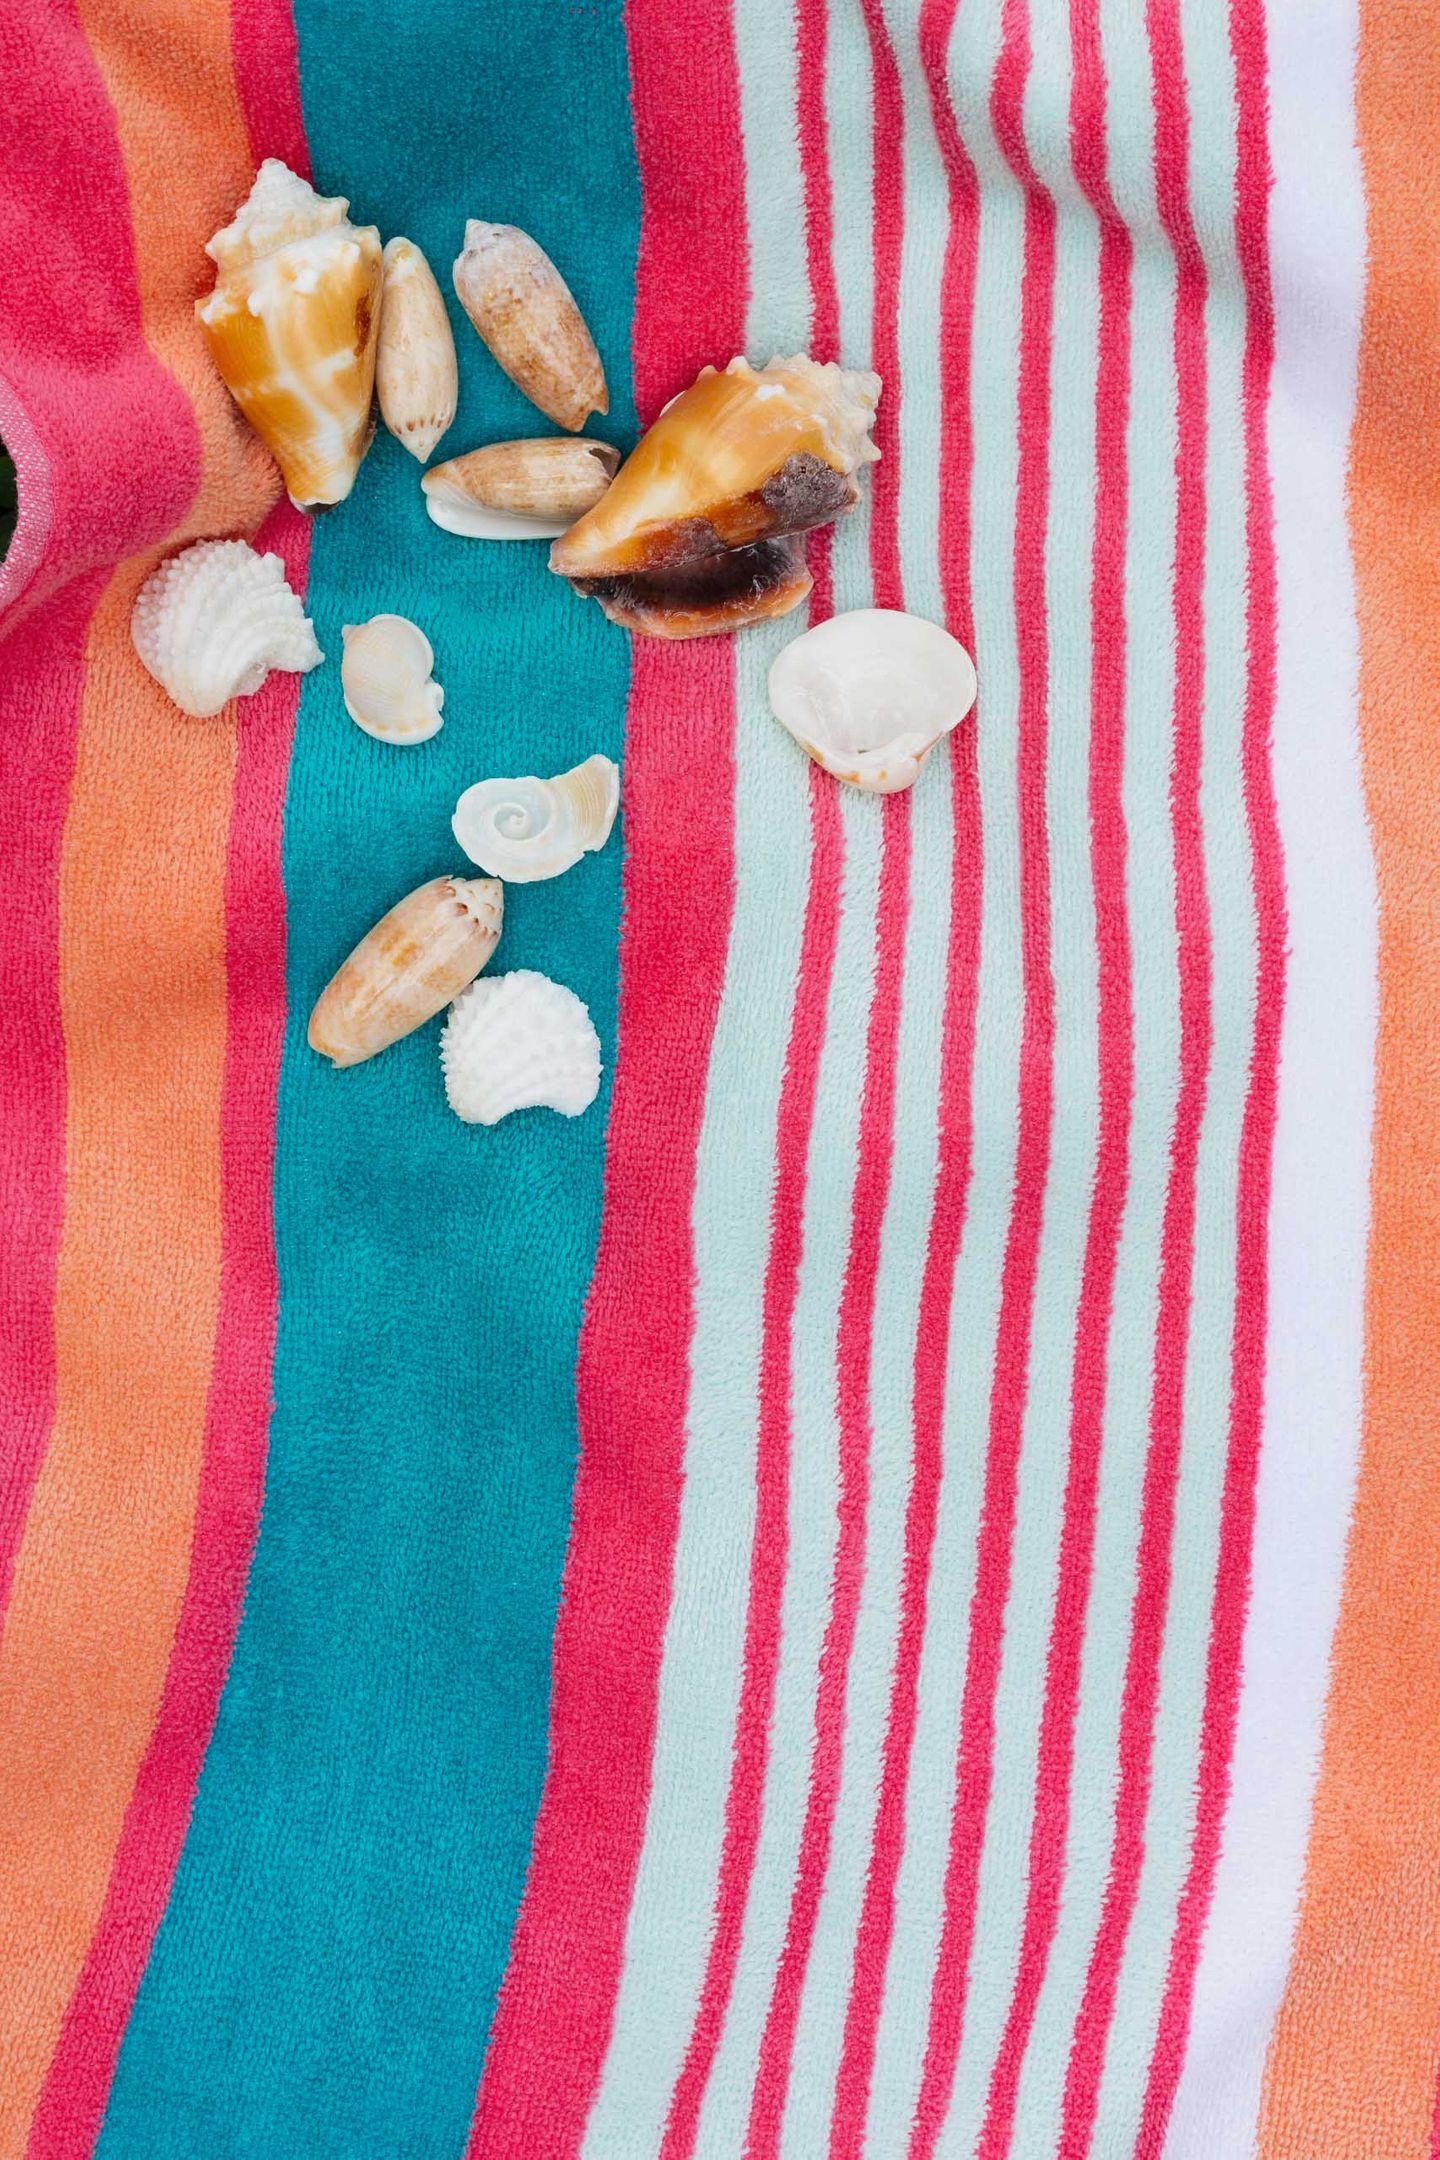 Seashells on  towel